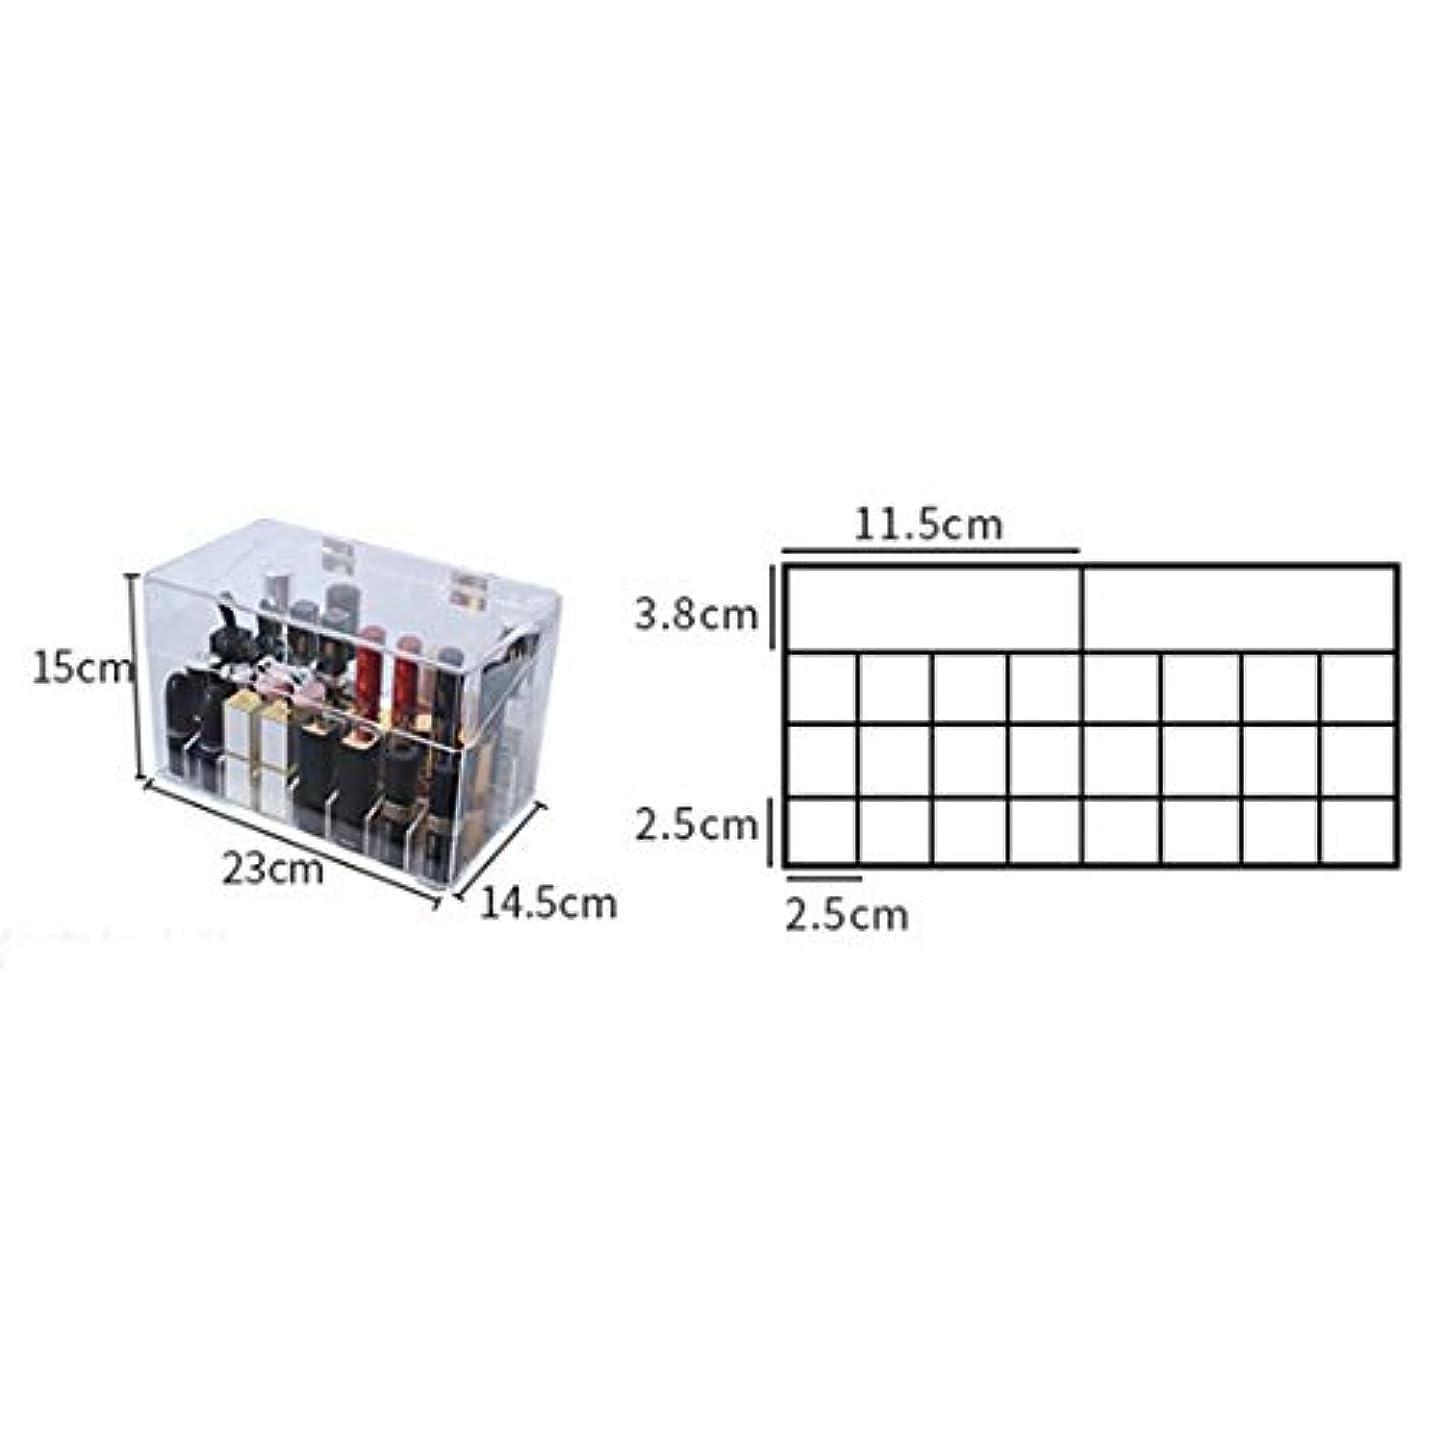 卵戦闘修正口紅収納ボックス アクリル 透明 リップ収納ケース コスメ収納 アクセサリー 小物入れ メイクボックス コスメ収納ボックス メイク収納 収納力抜群 23*14.5*15cm 26本